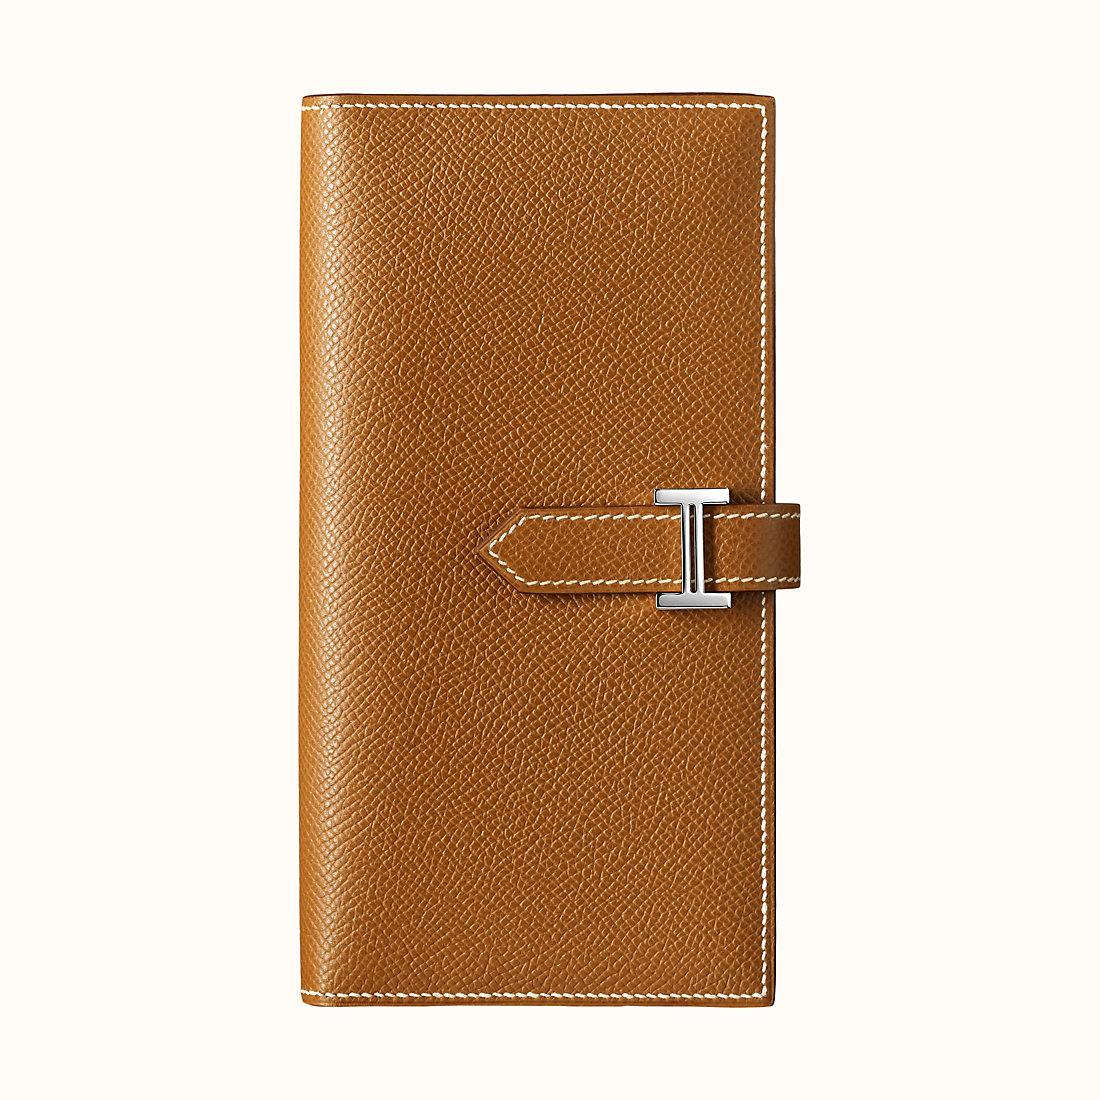 臺灣屏東縣愛馬仕錢包圖片 Hermes Bearn wallet CK37 Gold